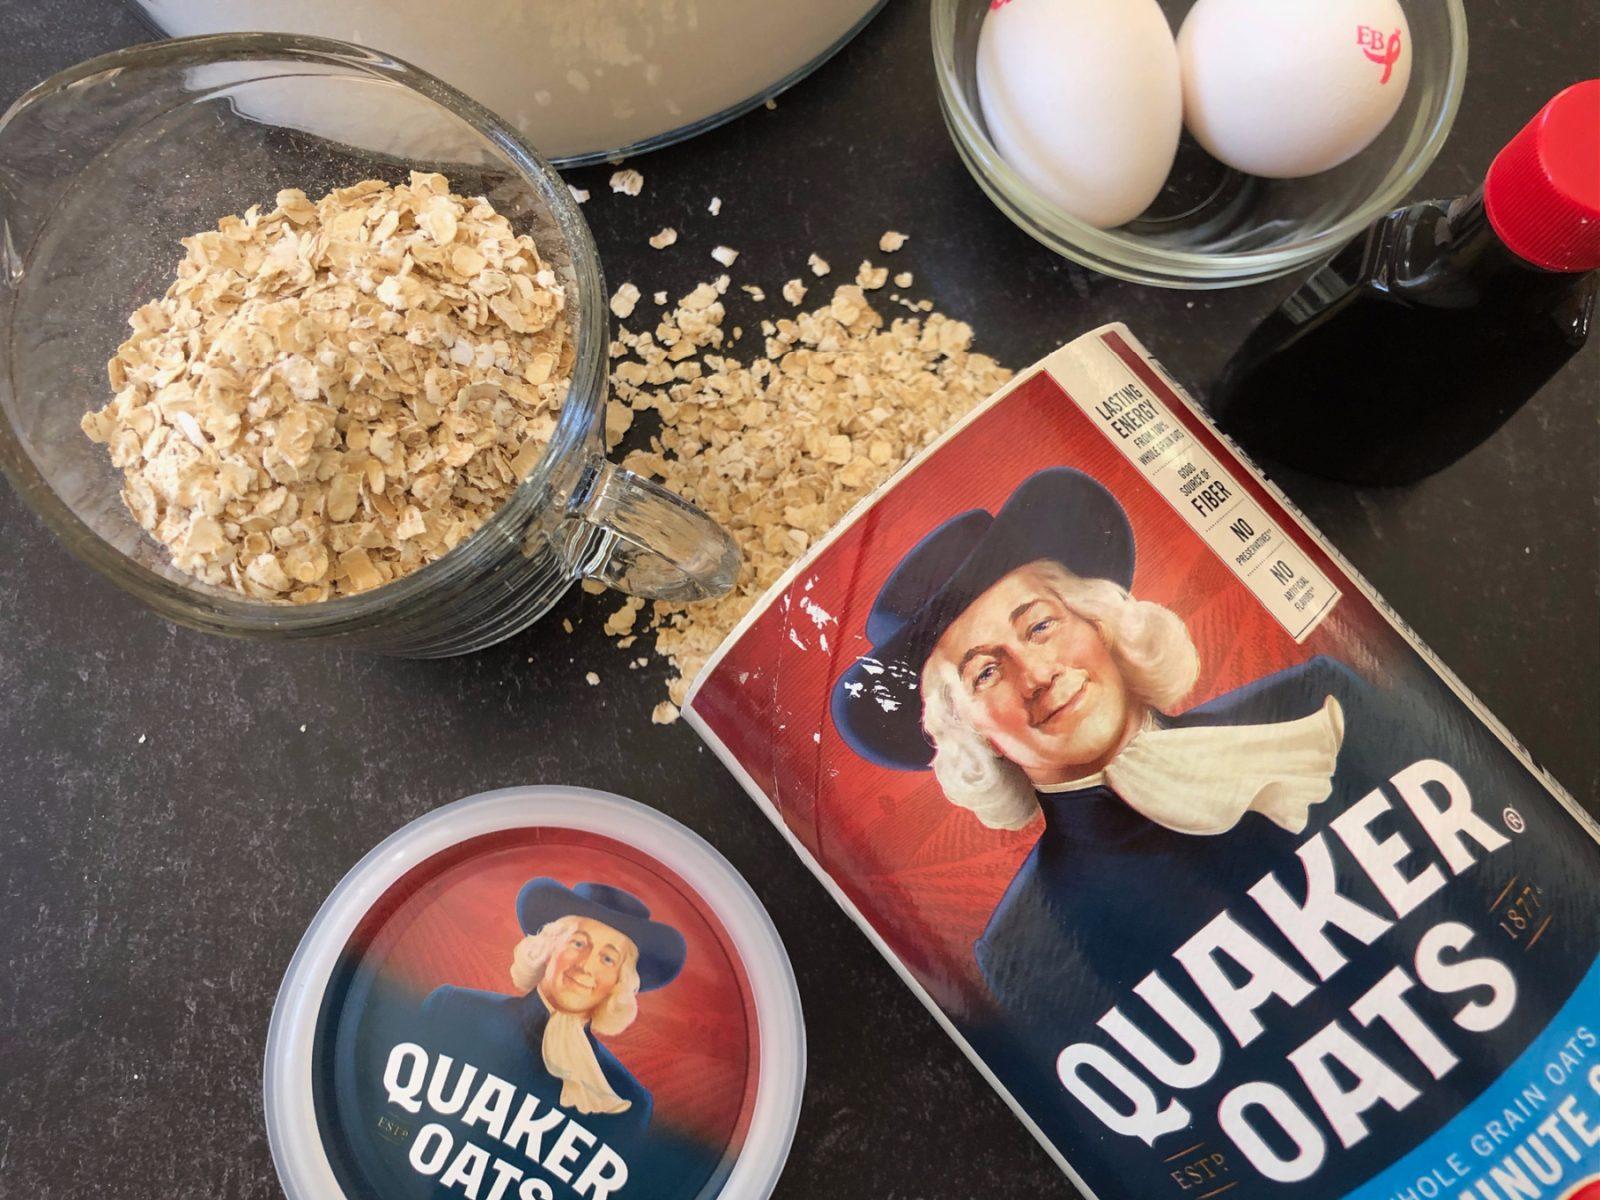 Quaker Oats Just 79¢ Per Canister At Publix on I Heart Publix 1